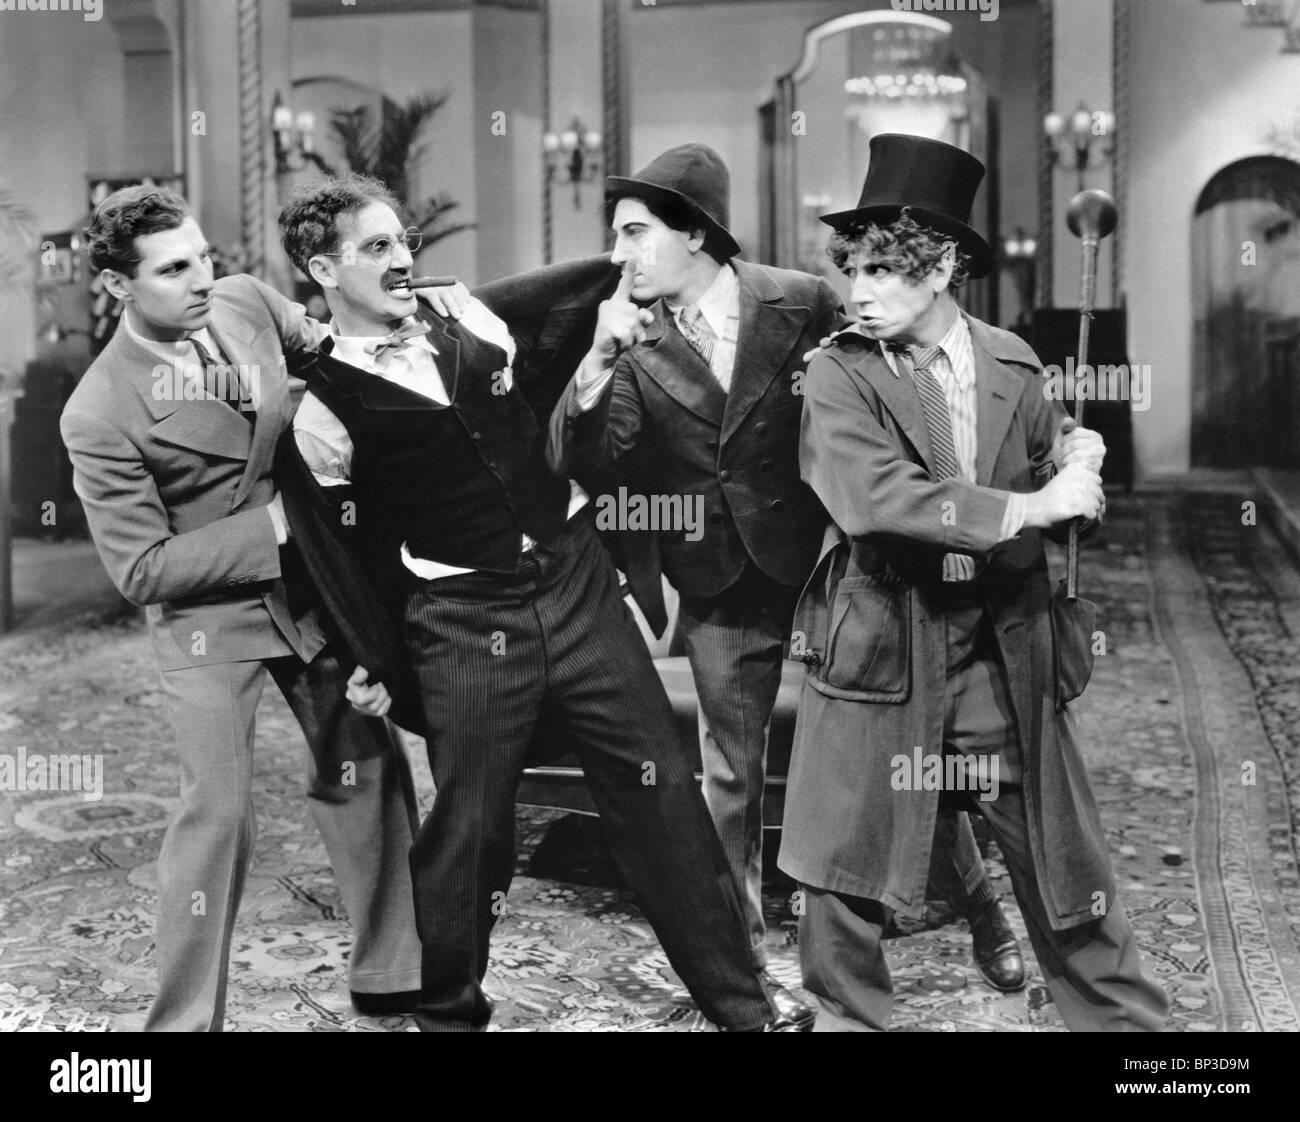 Zeppo Marx Groucho Marx Chico Marx Harpo Marx Duck Soup Marx